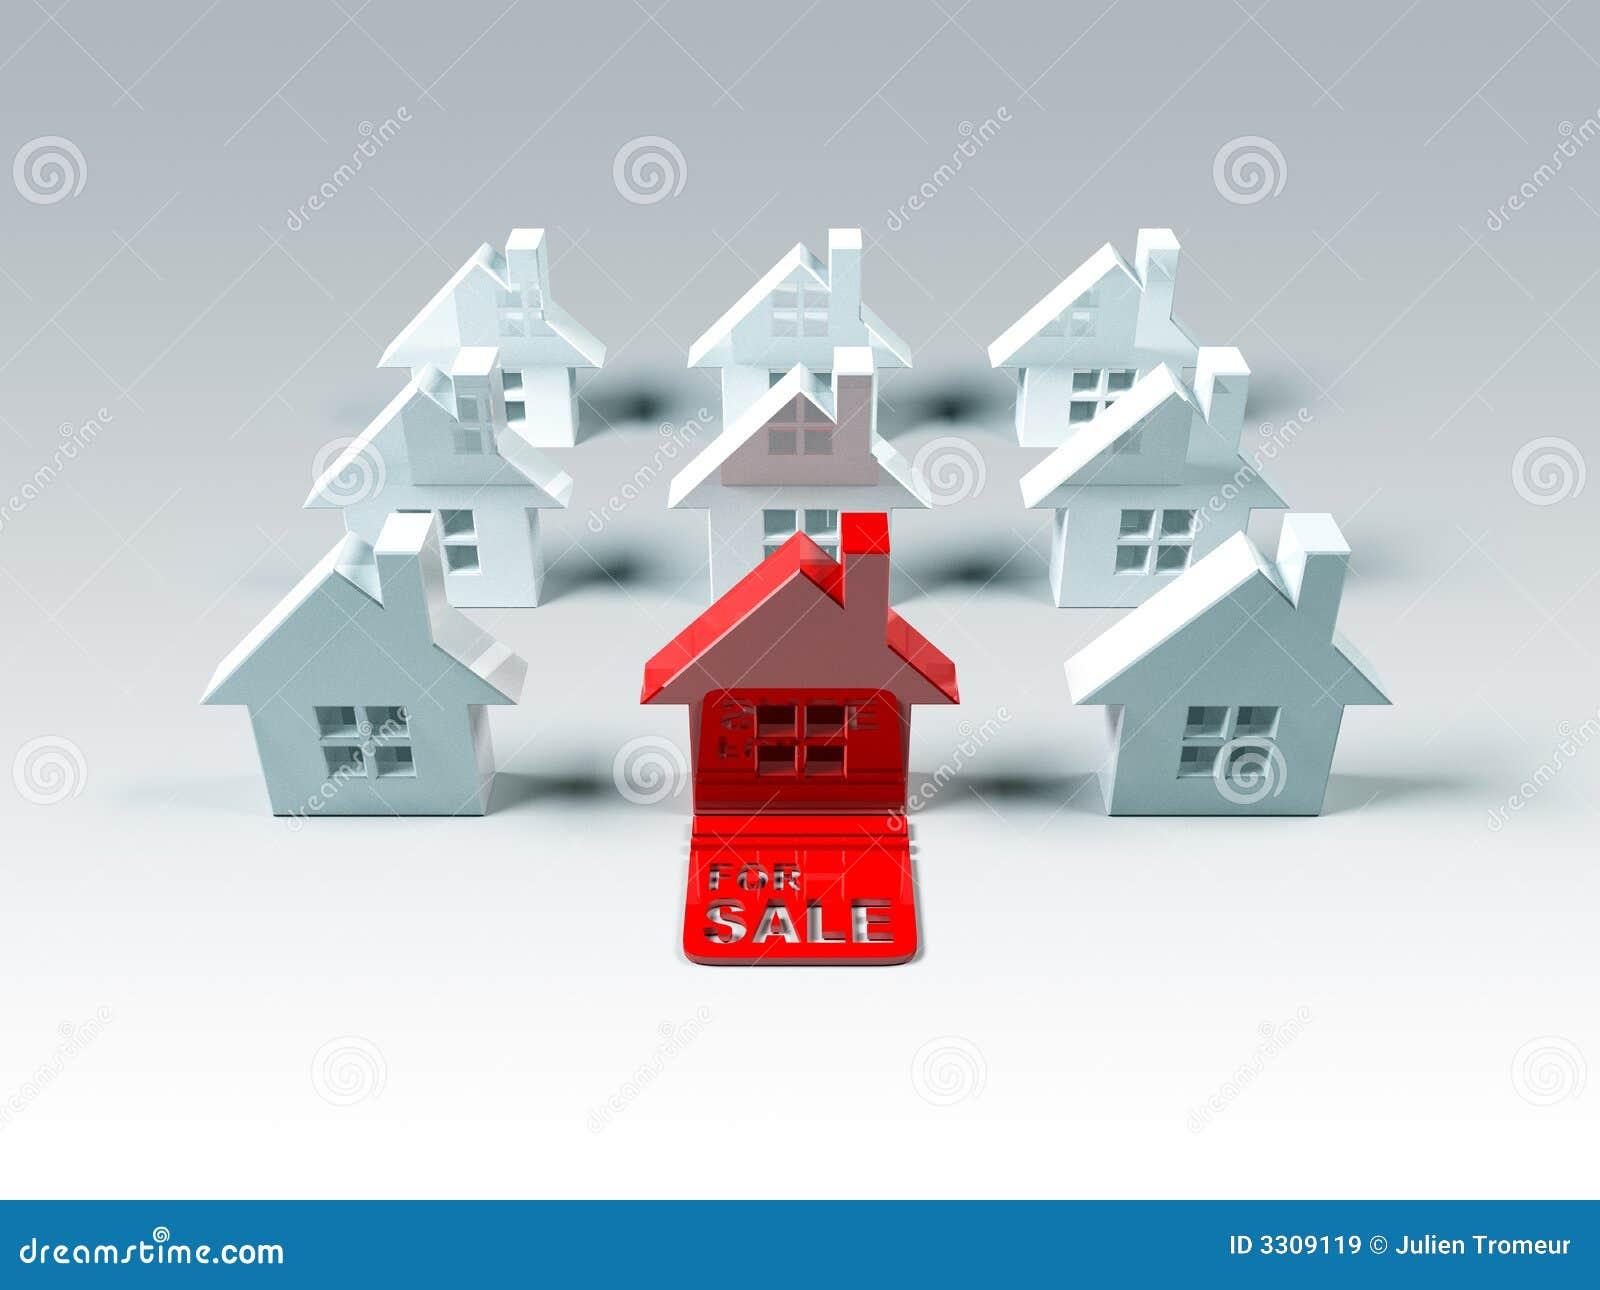 Immeubles en vente images libres de droits image 3309119 for Immeuble en vente